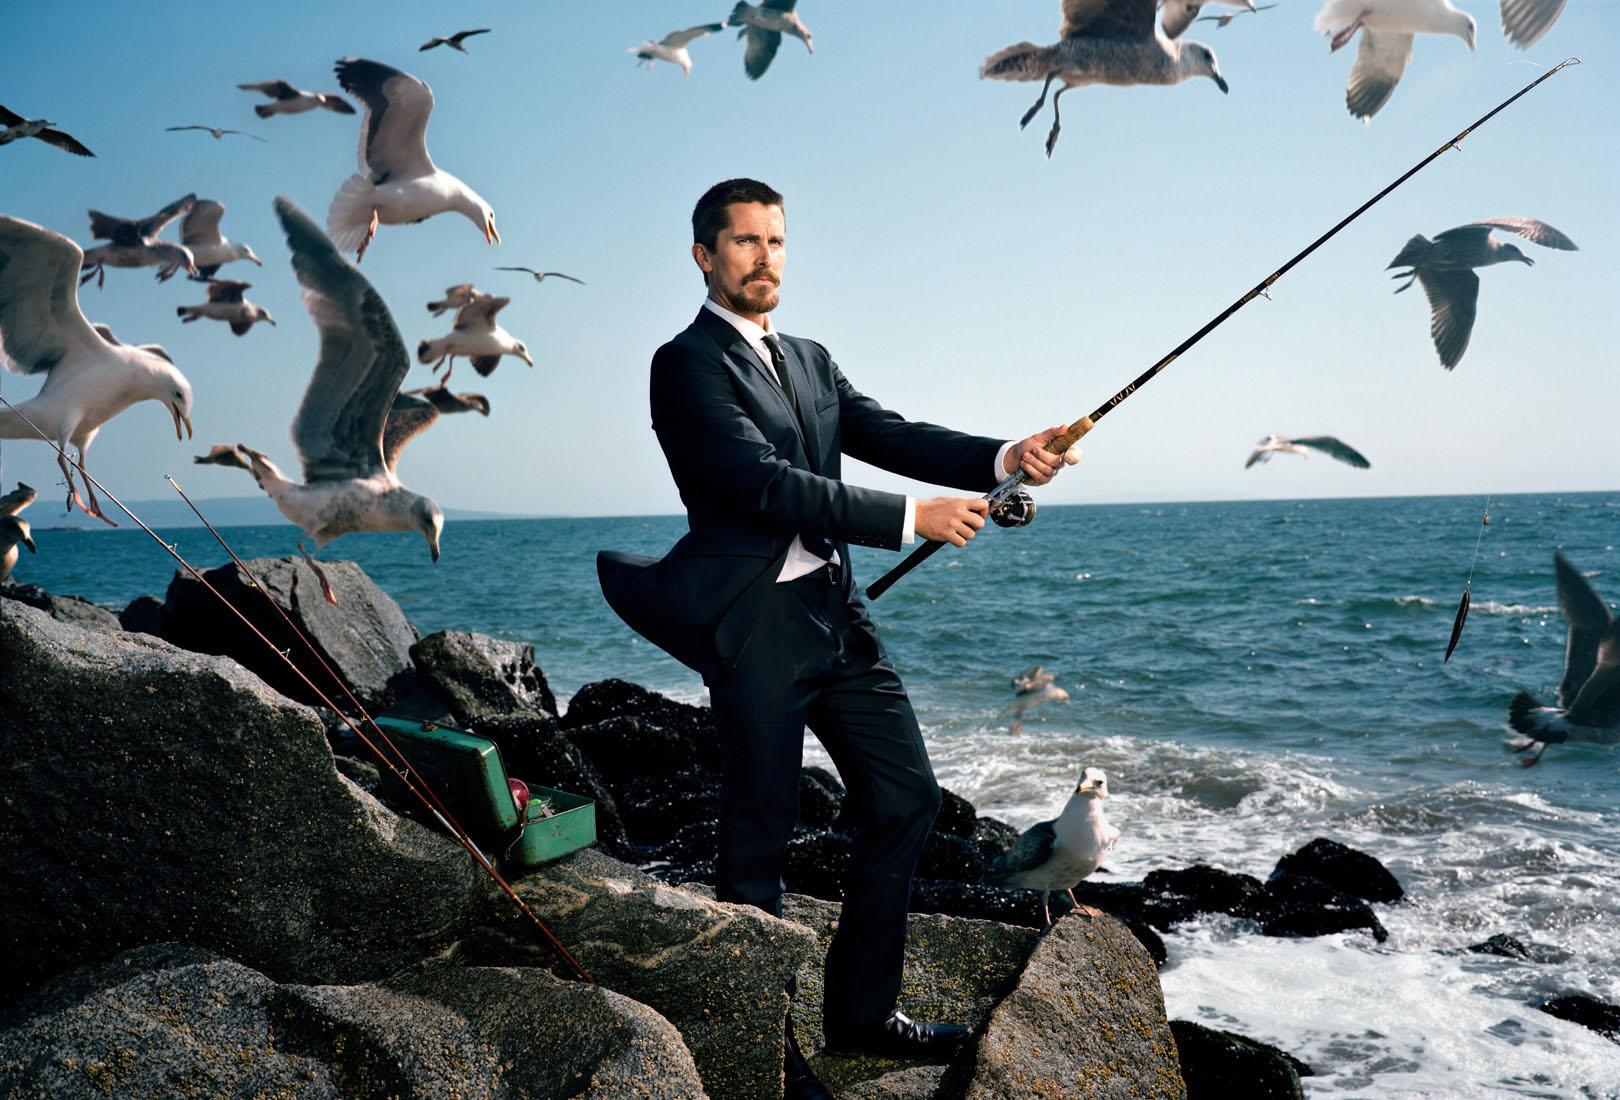 Года, картинки прикольные рыбалка на море